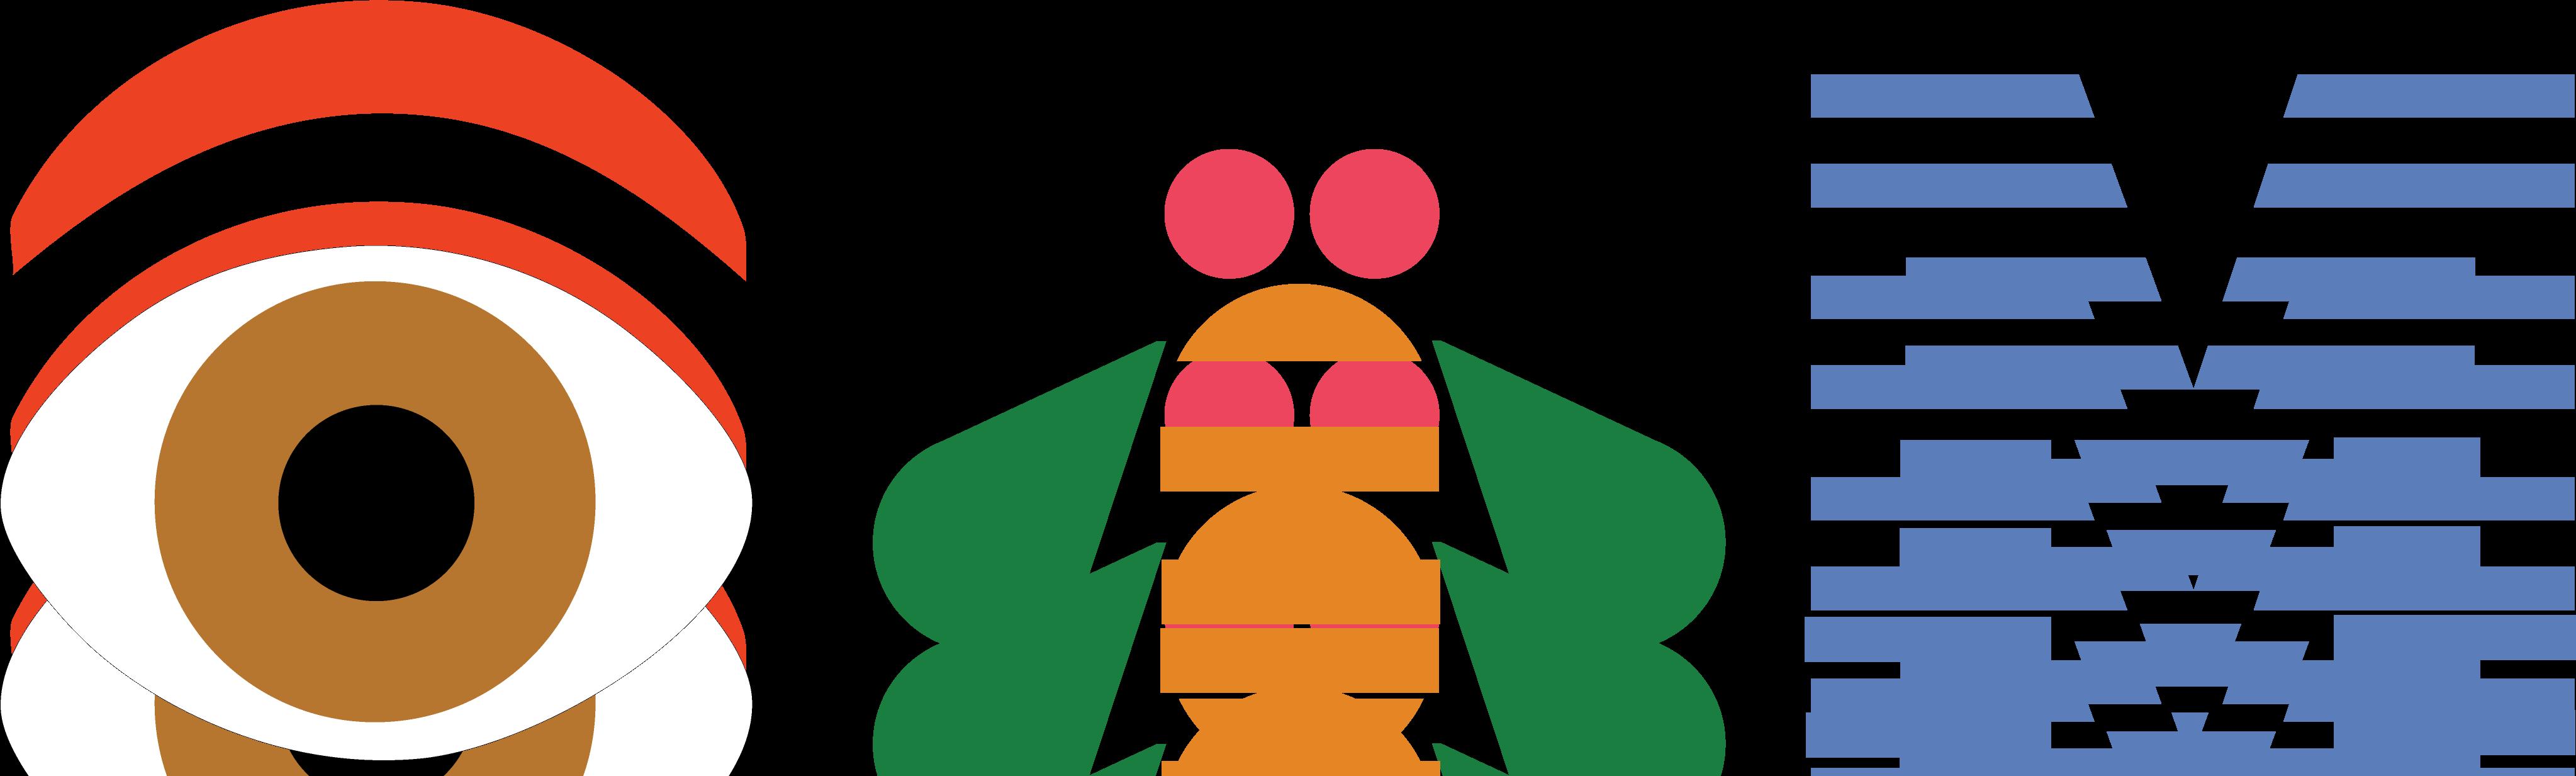 Paul Rand Graphic Designer Logo